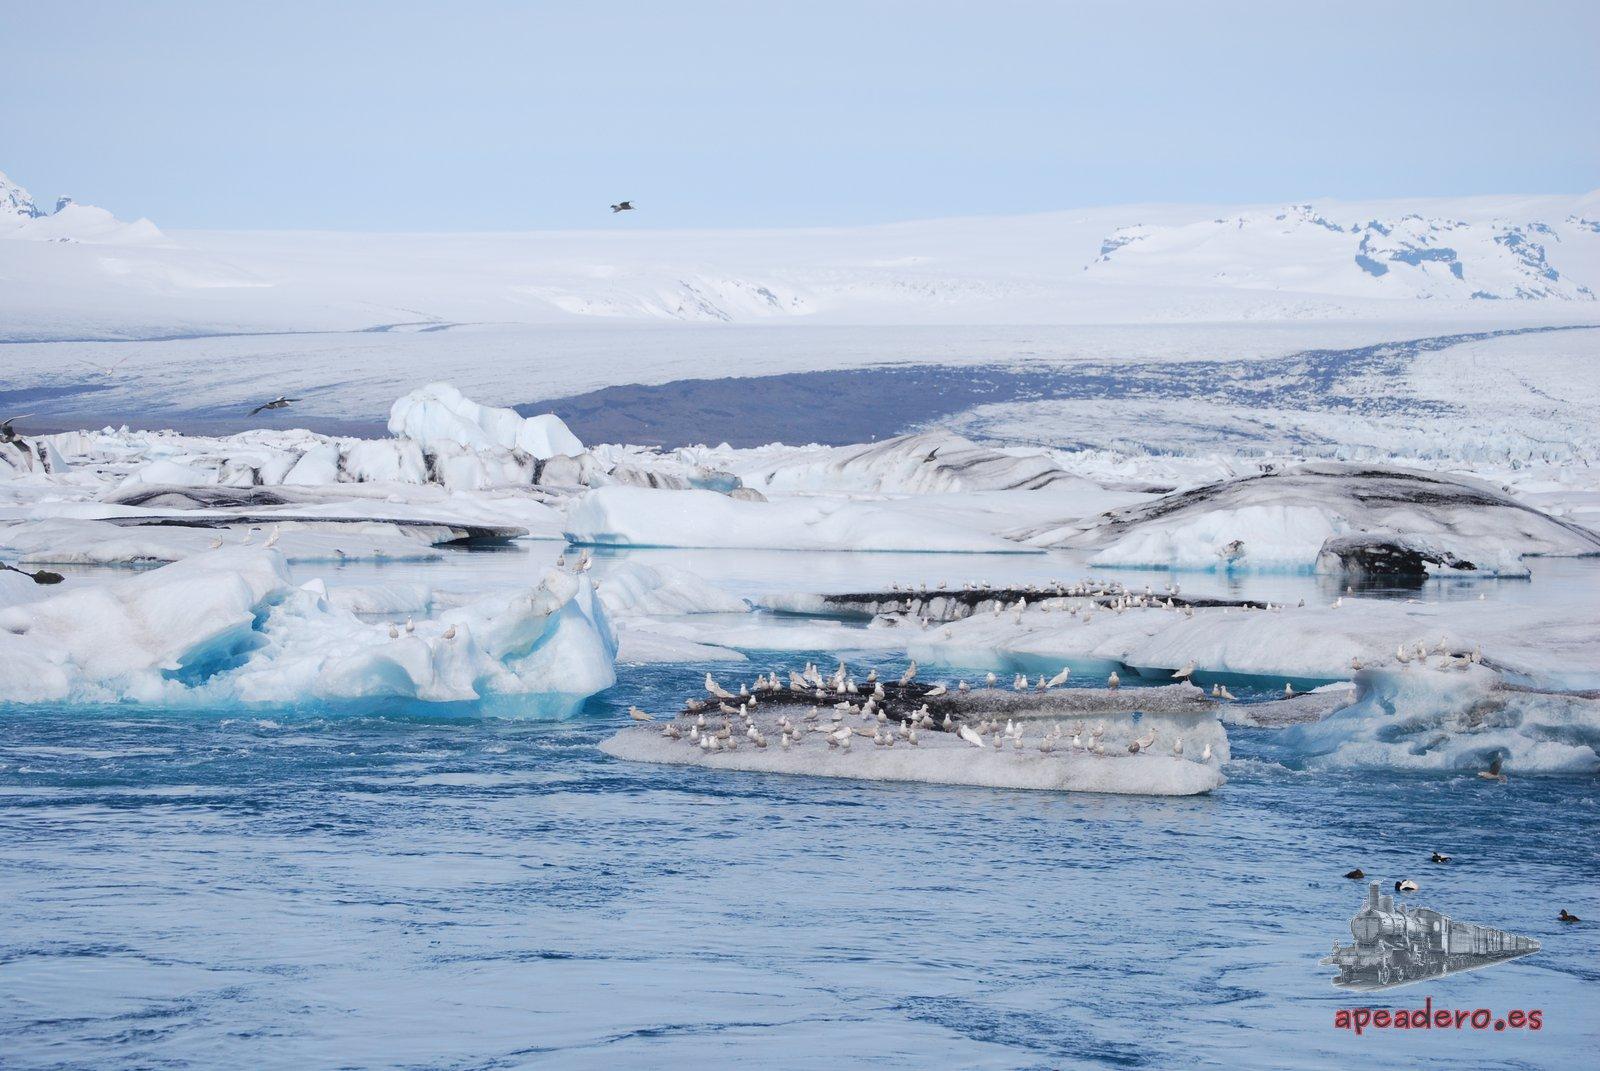 El día en el que nos subimos a los icebergs en Islandia